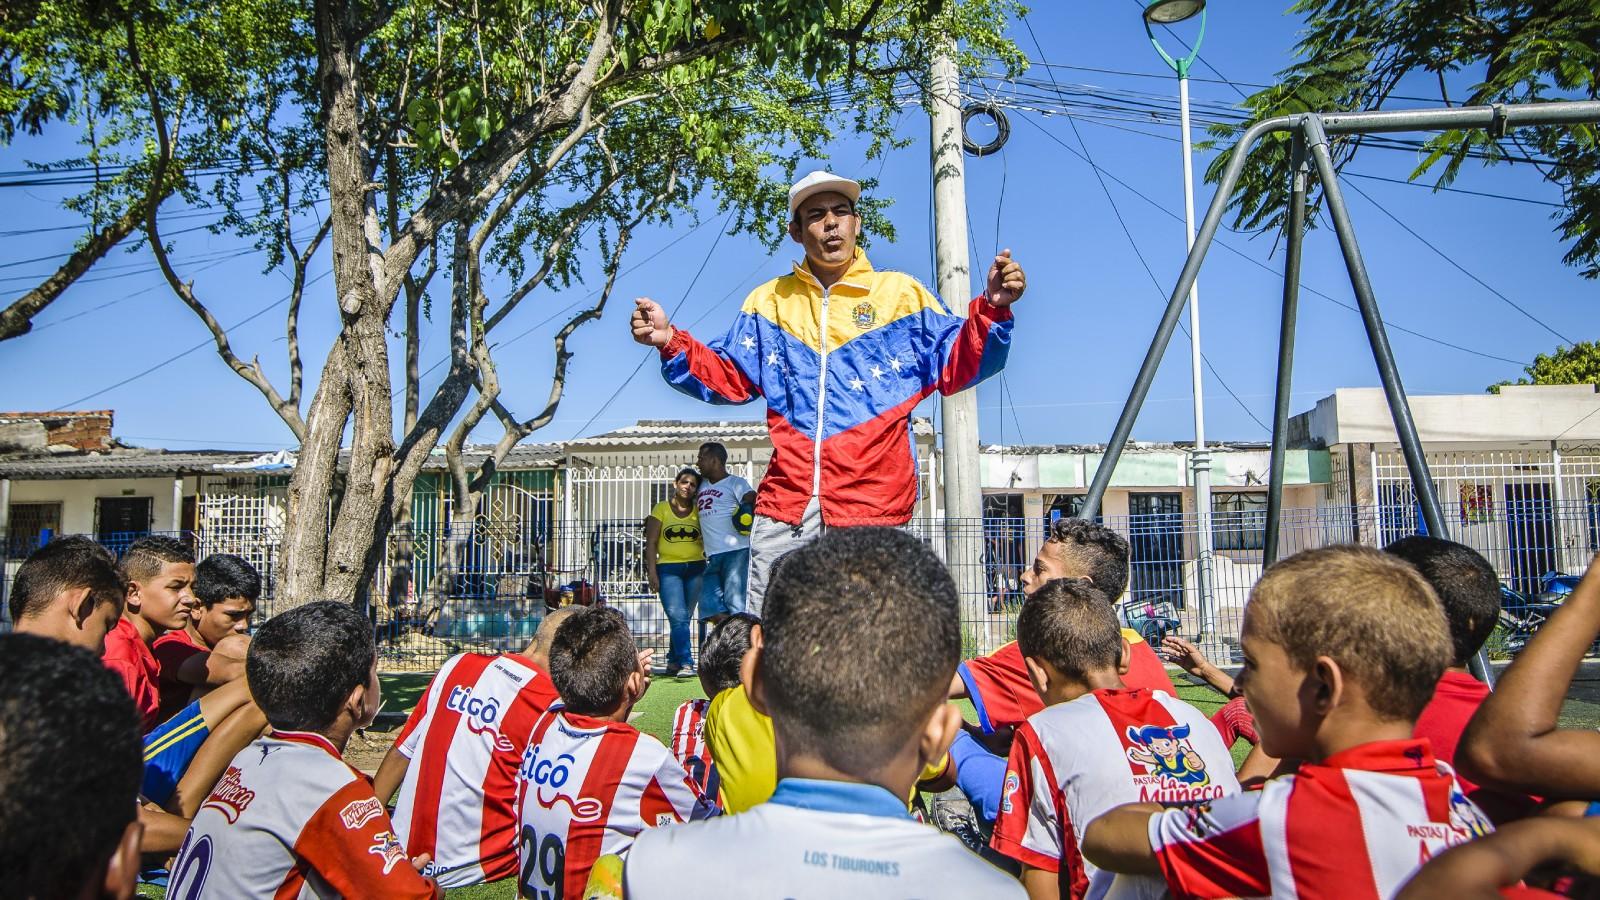 Integración en la cancha: la escuela colombovenezolana de fútbol